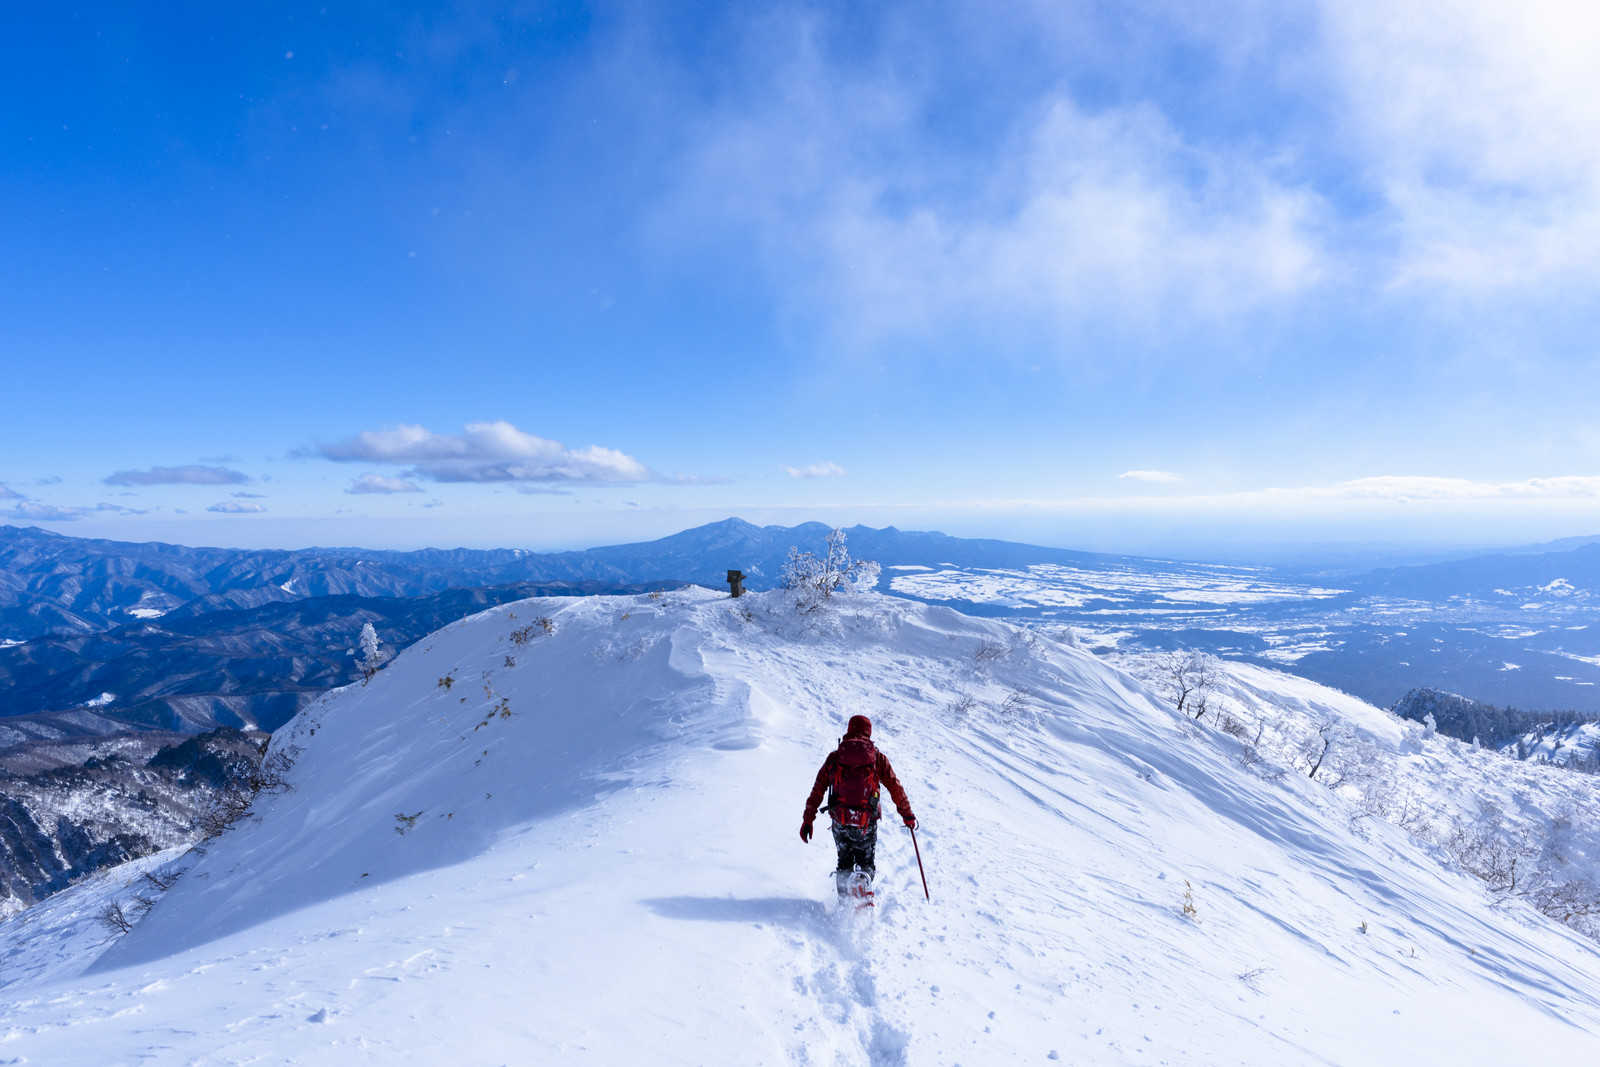 「雪原を走る赤い登山者(上州武尊山)」の写真